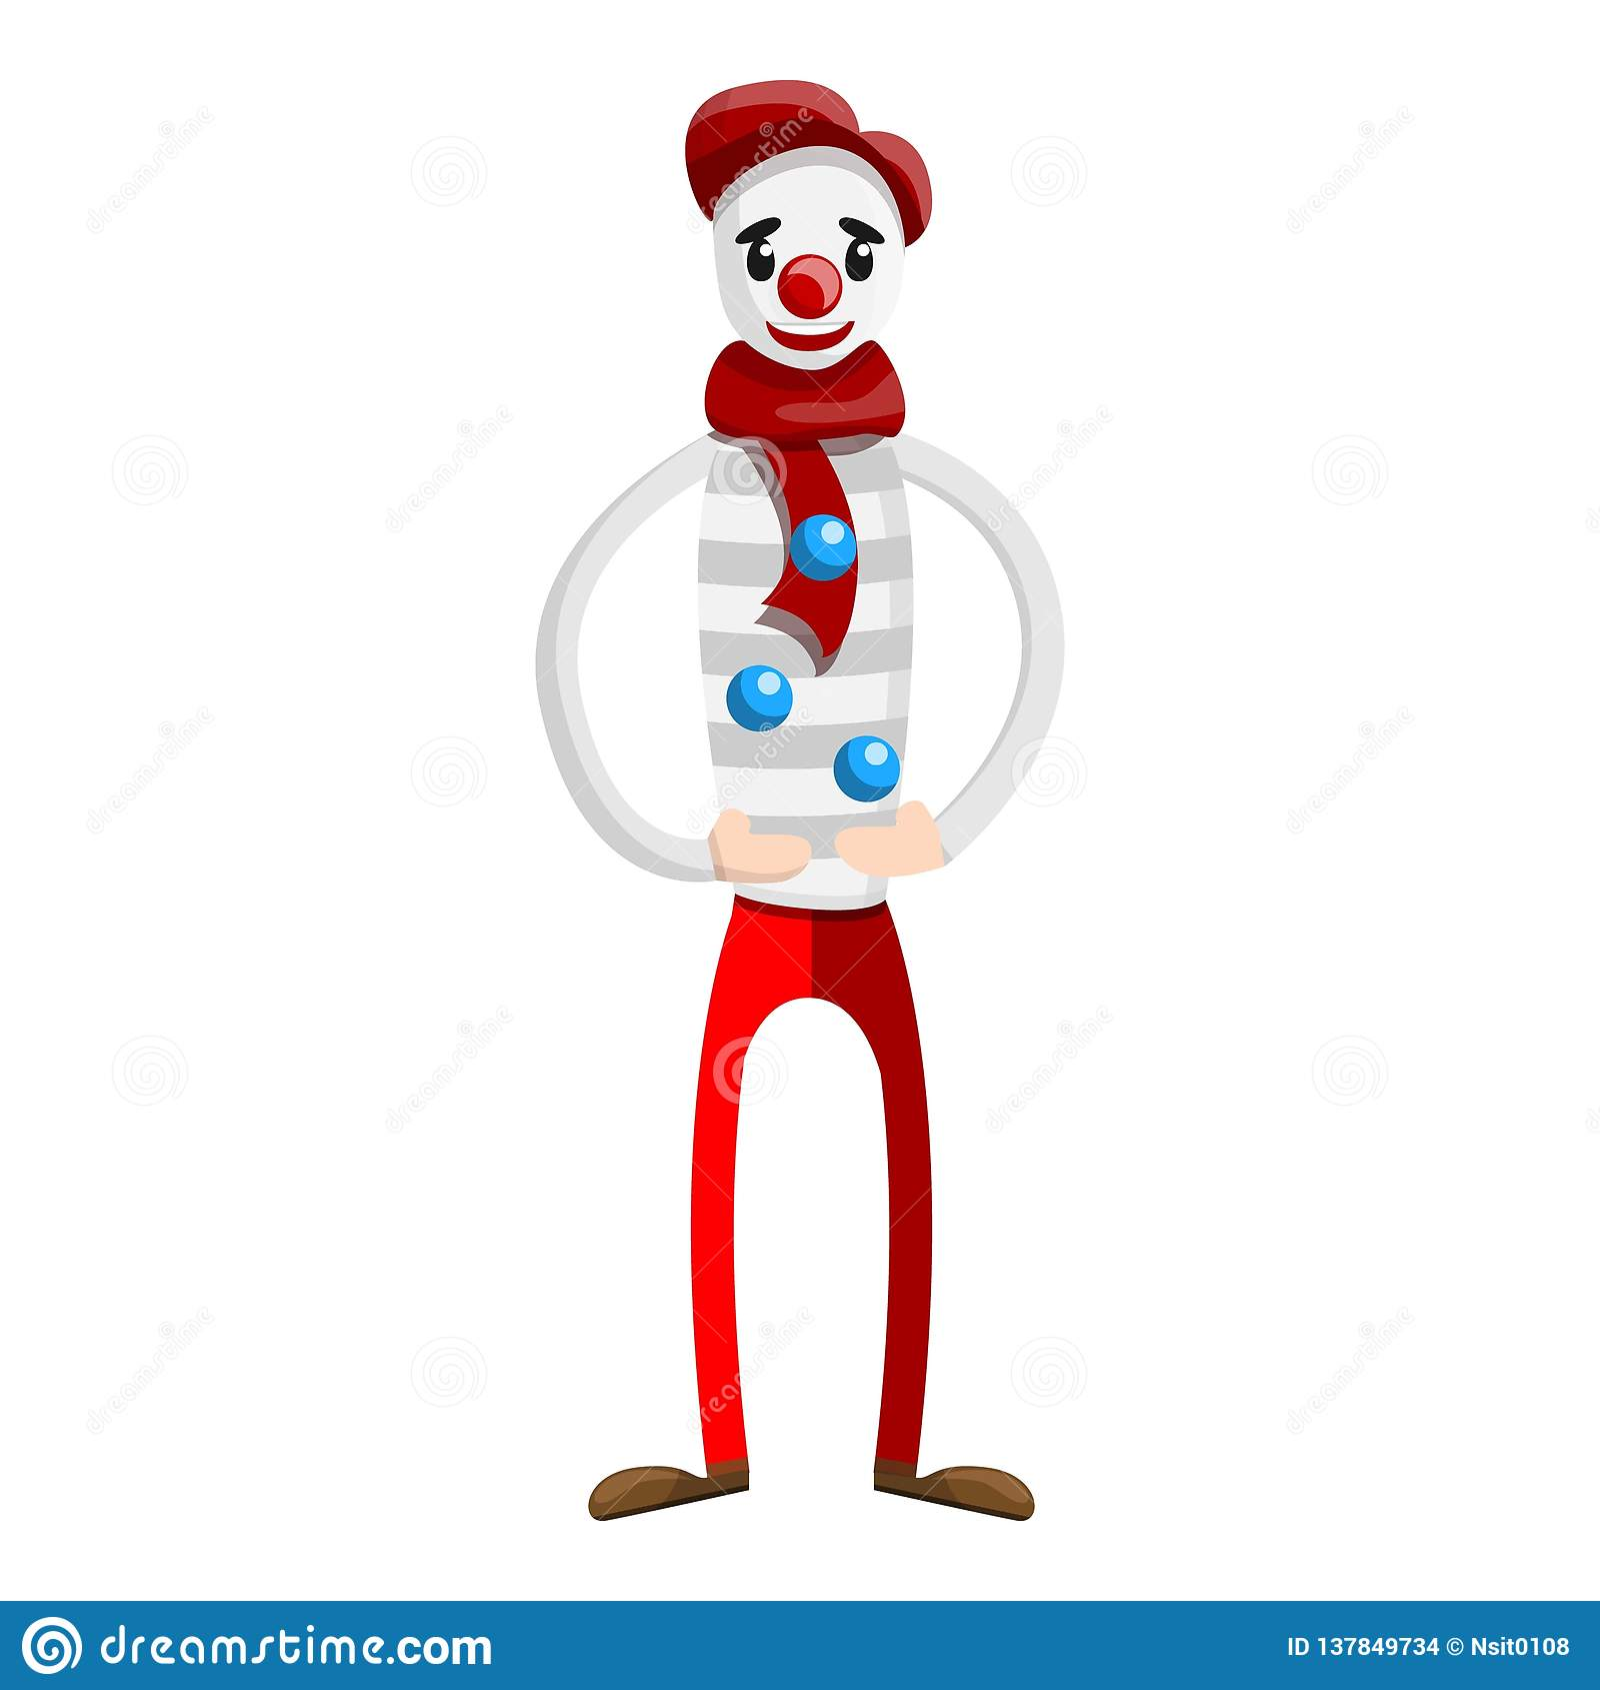 Icone De Clown De Jongleur De Cirque Style De Bande Dessinee